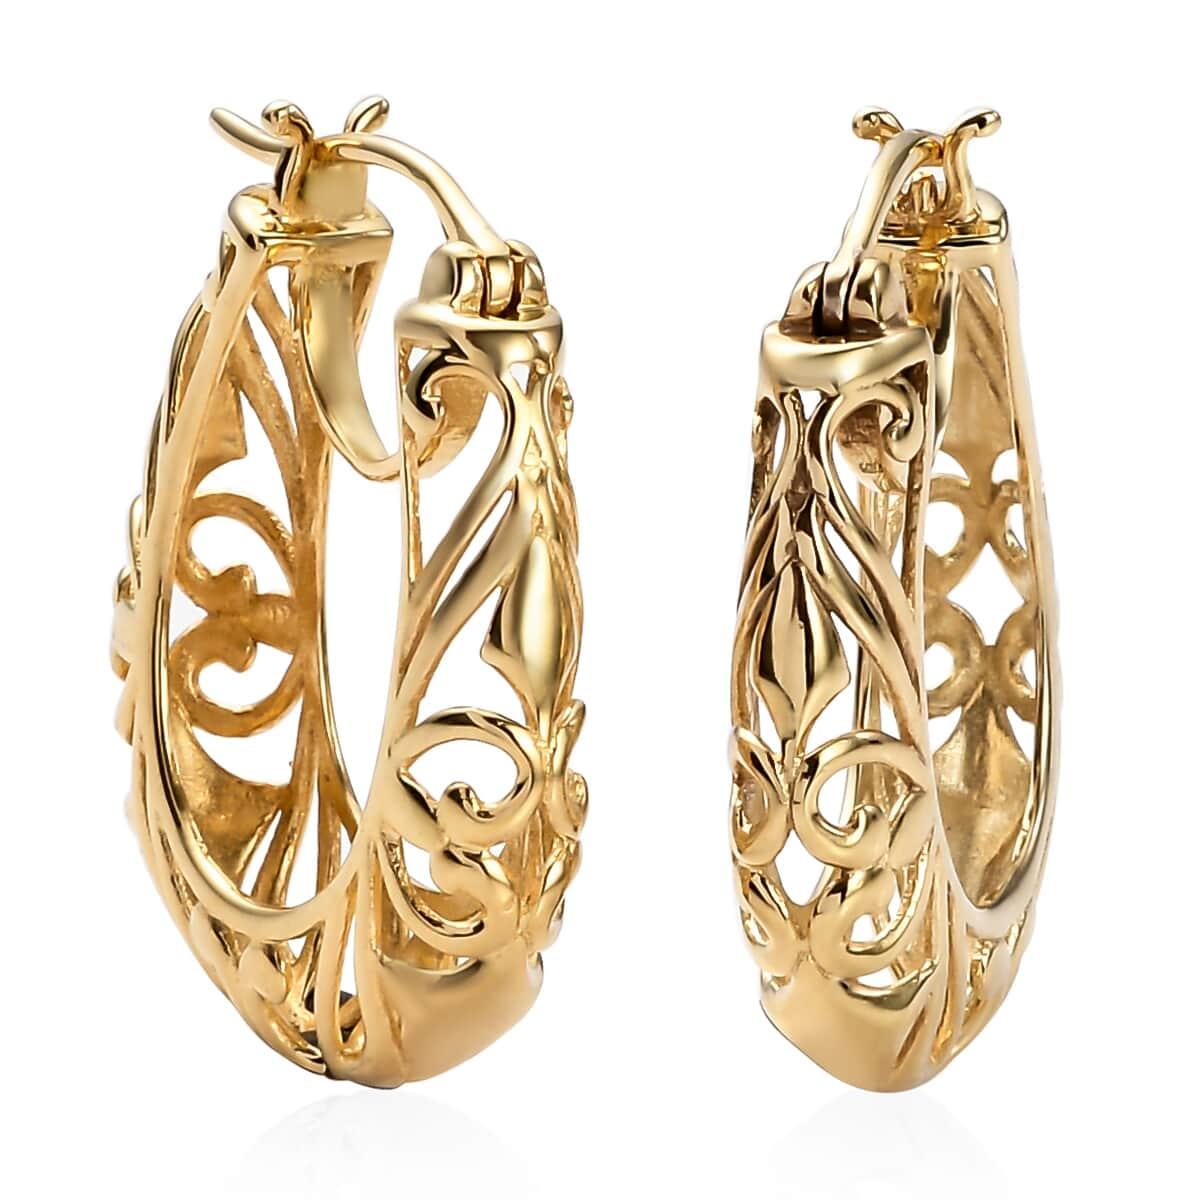 ce5fac0769b10 KARIS - Openwork Basket Hoop Earrings in ION Plated 18K YG Over Brass